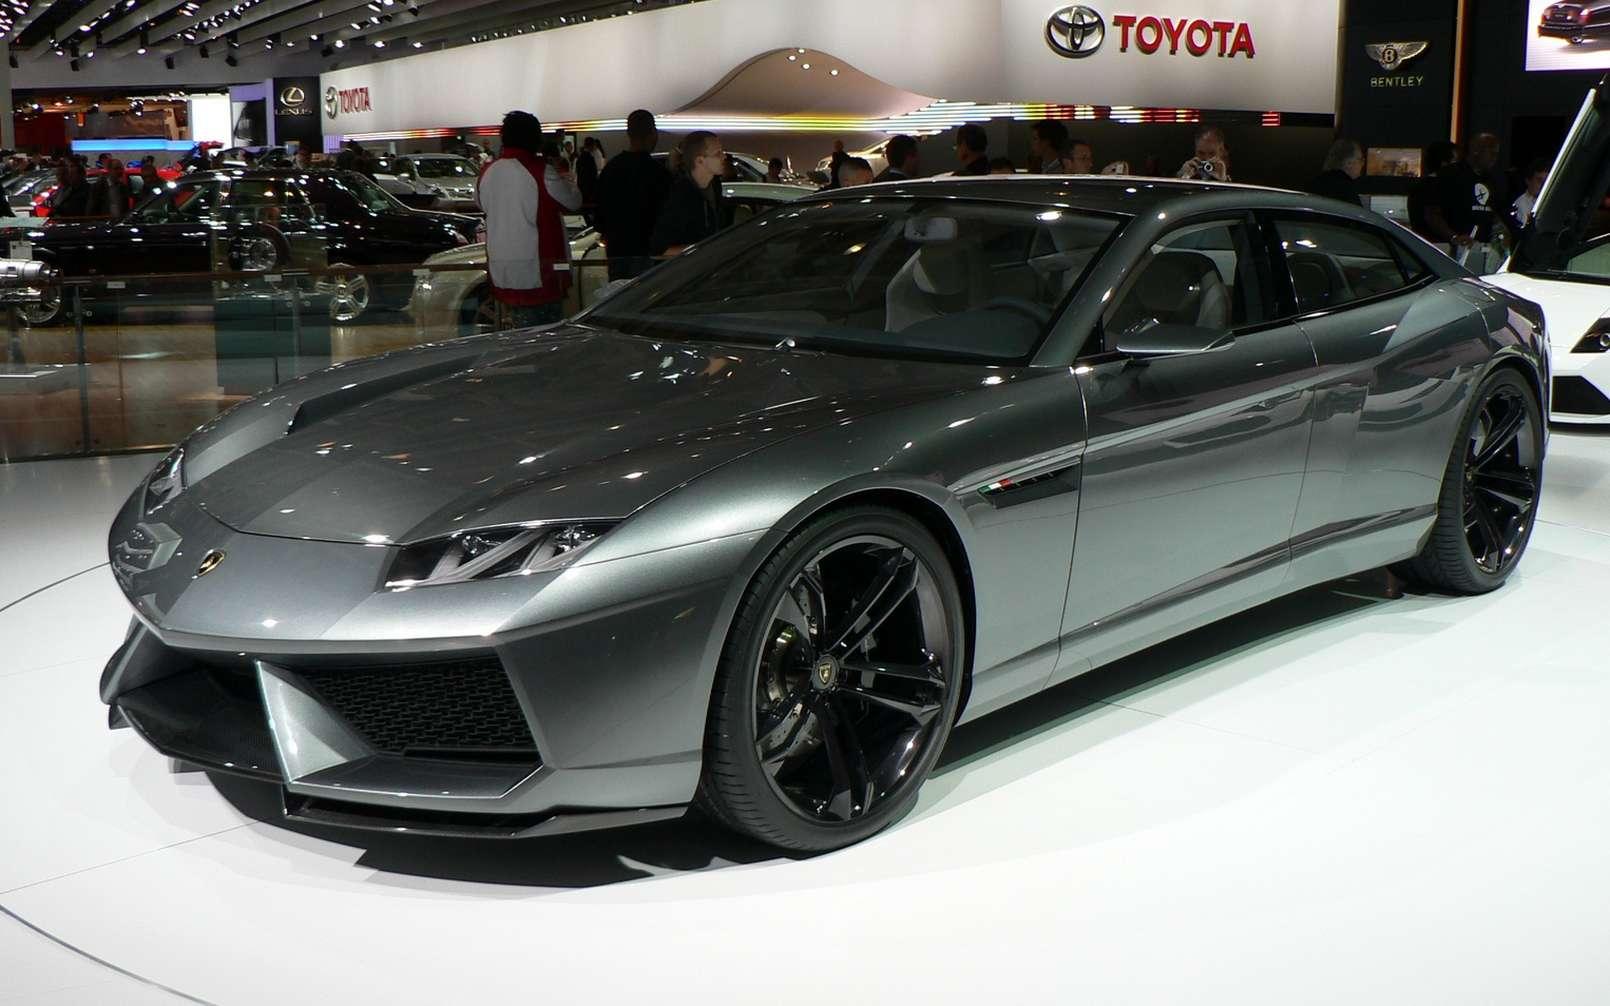 Le concept Lamborghini Estoque présenté en 2008 pourrait servir de base à la futur GT 2+2 électrique. © Neef – 2, CC by-sa 3.0